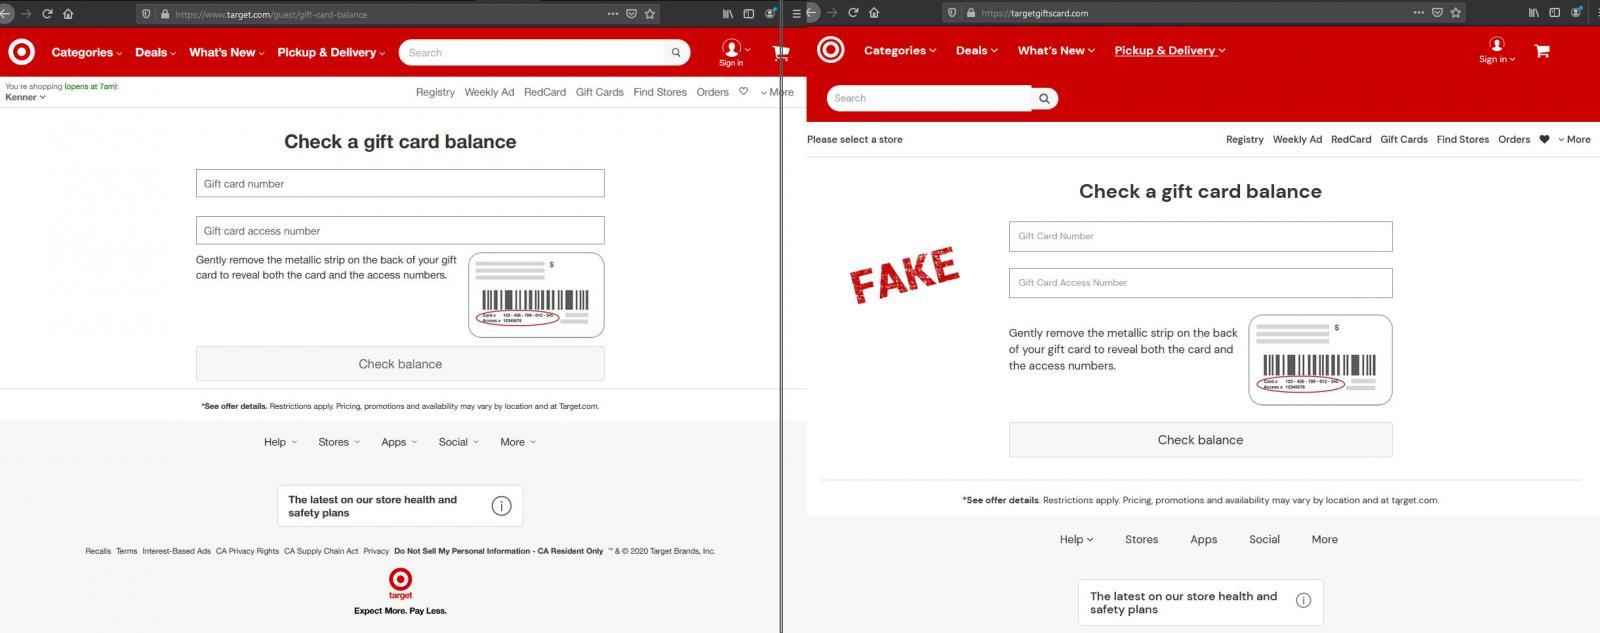 Verificación del saldo de la tarjeta de regalo de Target